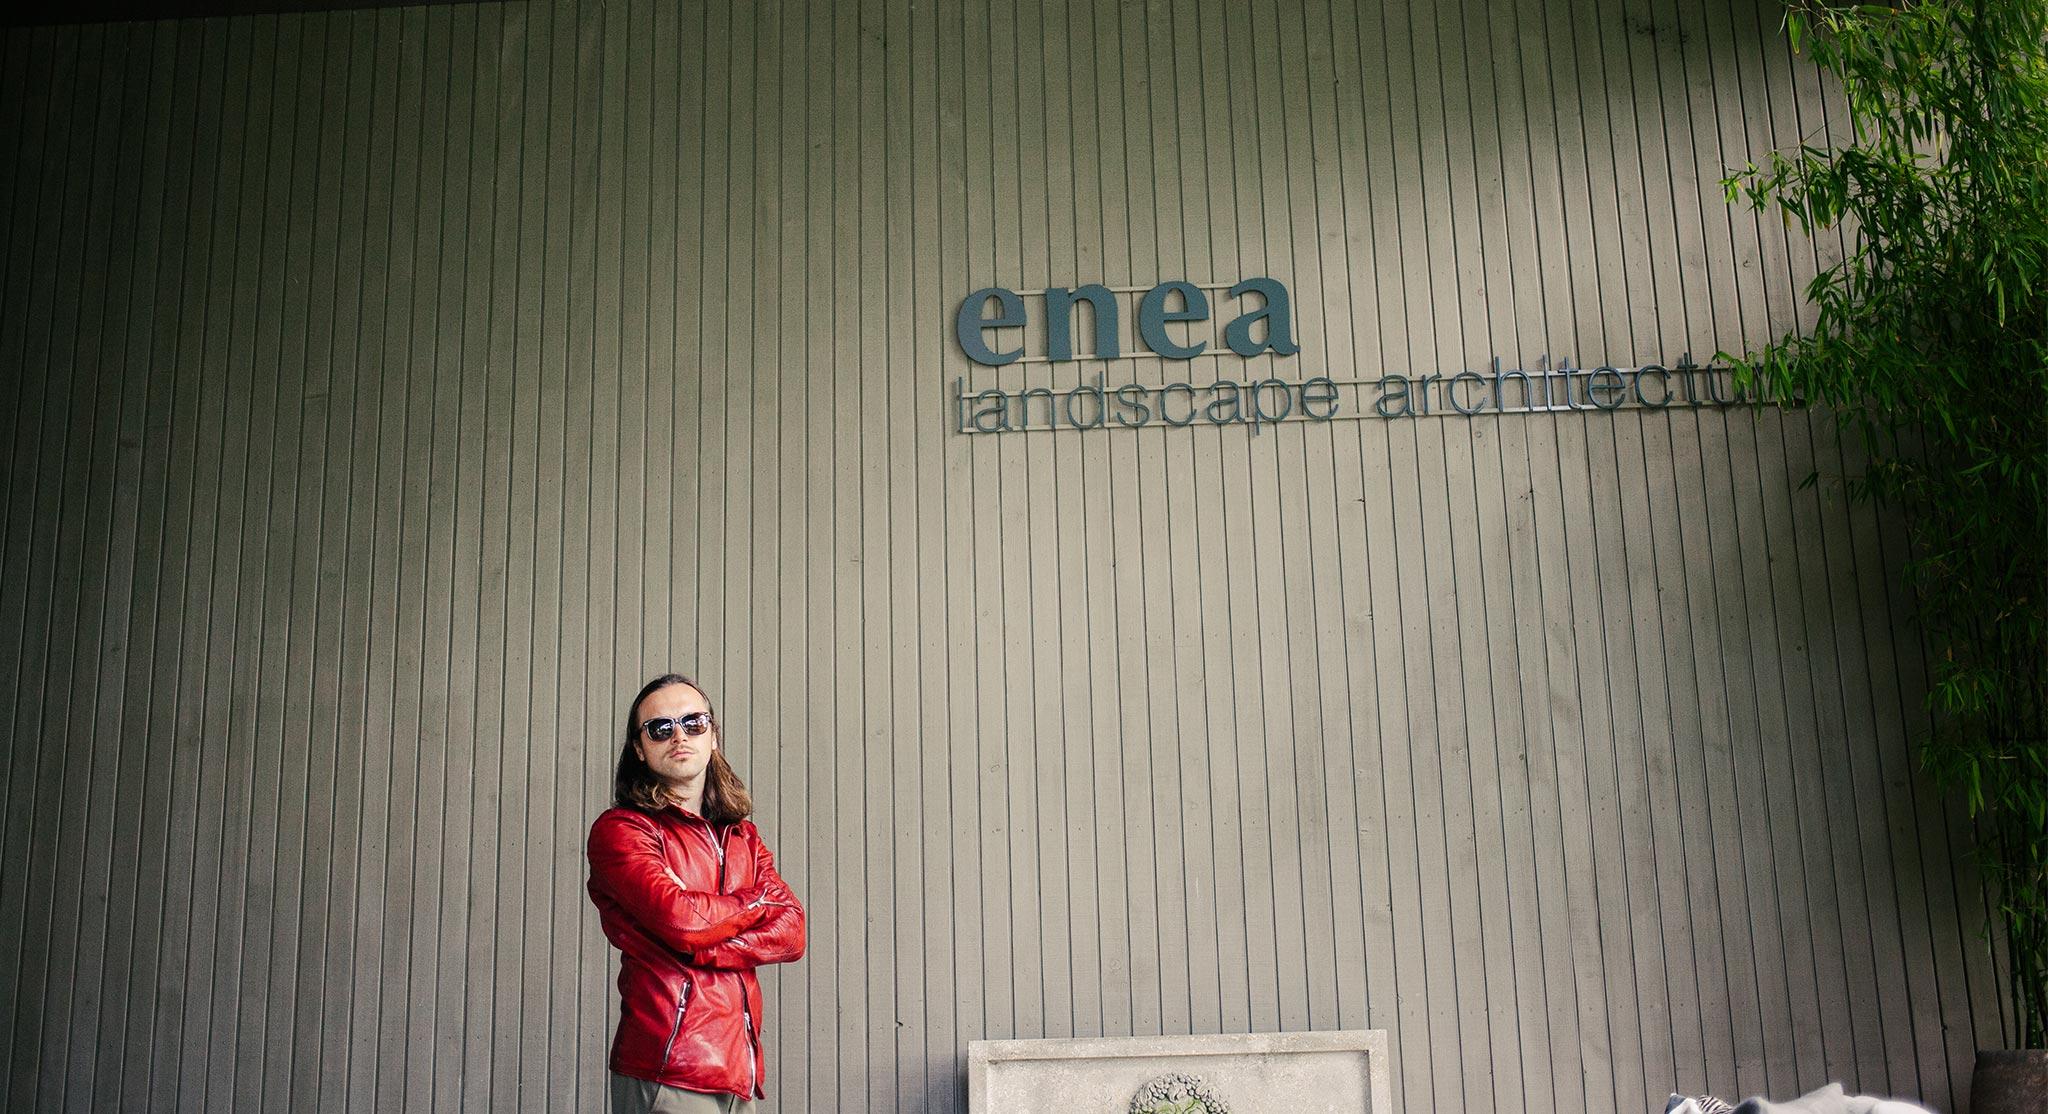 Wunschhaus-Enzo-Enea-Journal-6-Bildgalerie